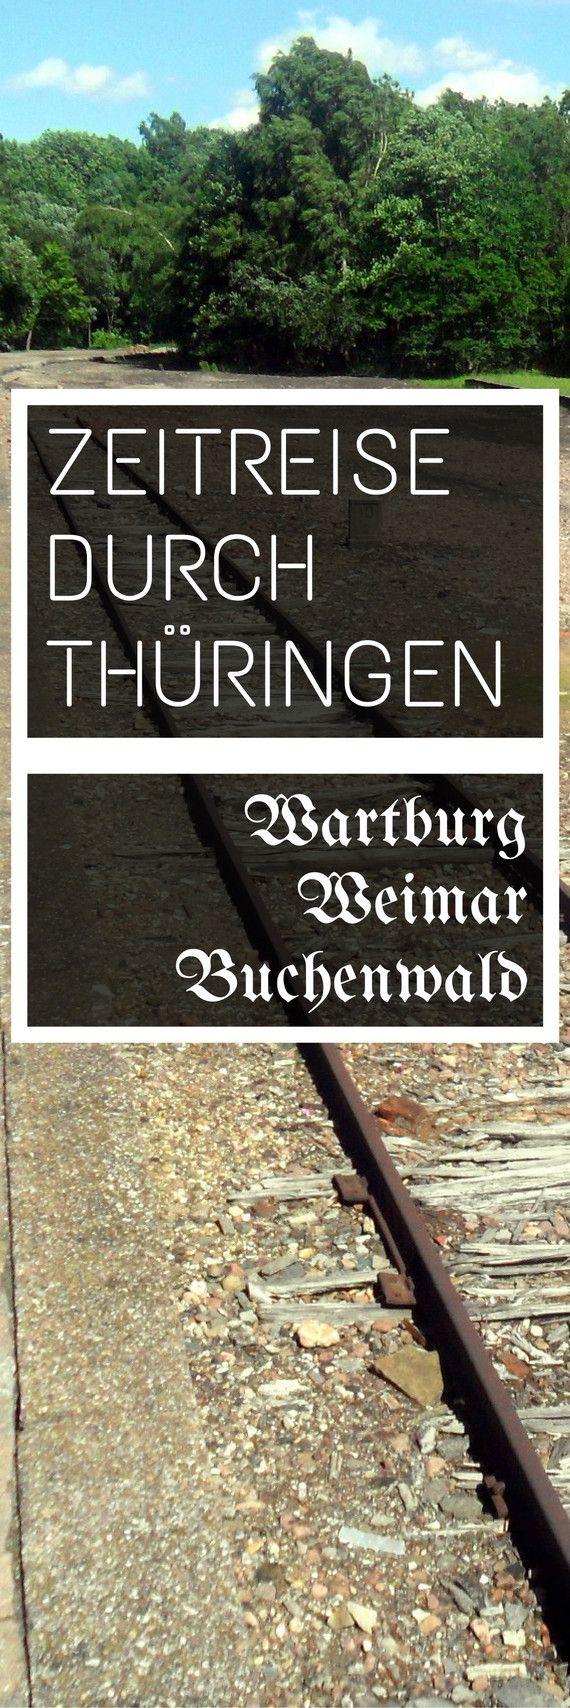 Zeitreise durch Thüringen – Wartburg, Weimar, Buchenwald